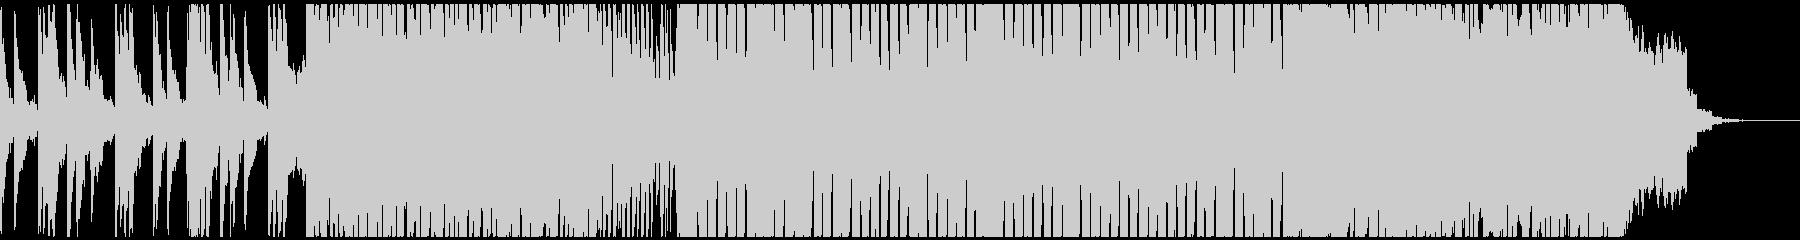 シンセベルを多用したオープニングの未再生の波形